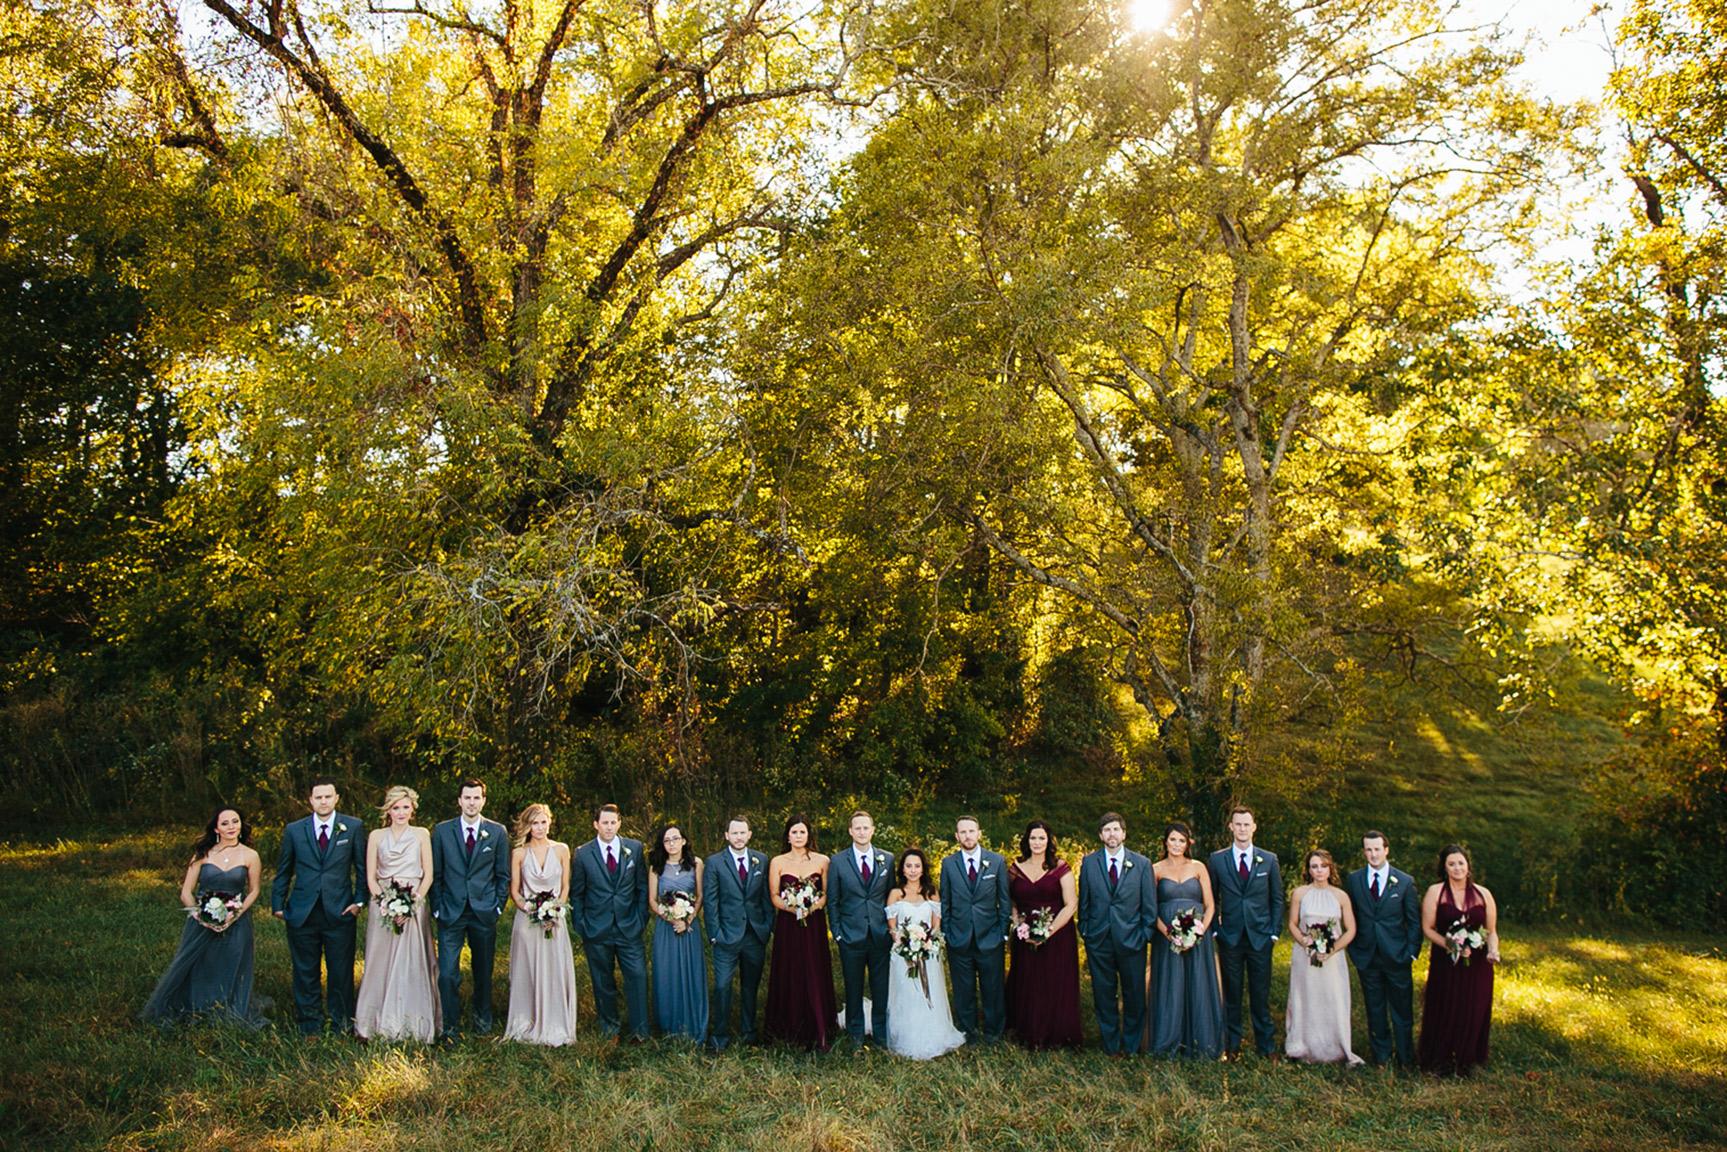 Nashville_WeddingPhotographer_016.jpg